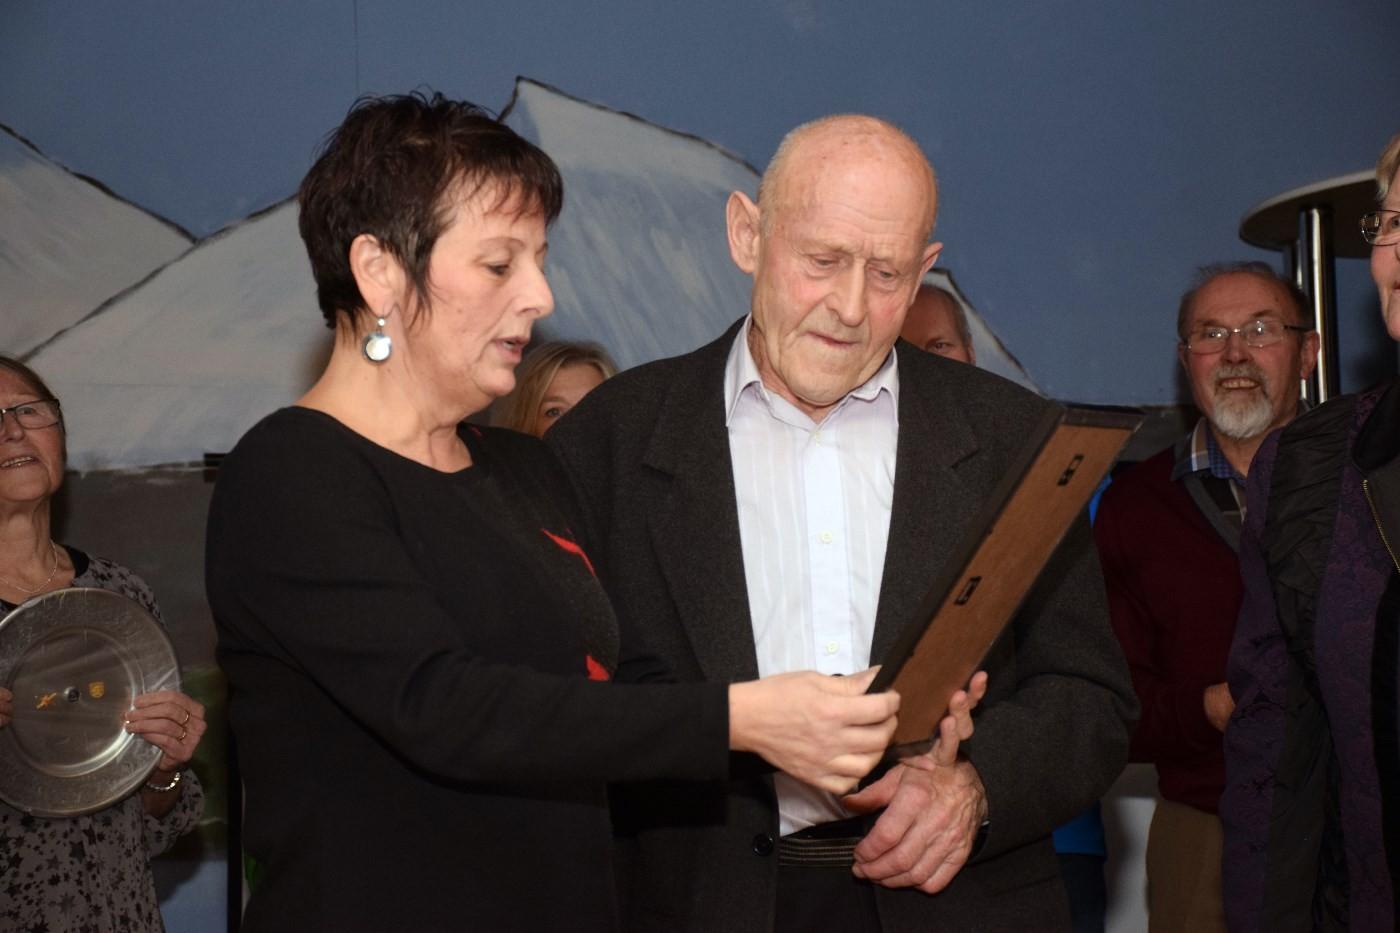 Ordførar Lilly Gynn Nyheim delte ut æresprisen til Johan Kvendset.   Foto: Jon Olav Ørsal